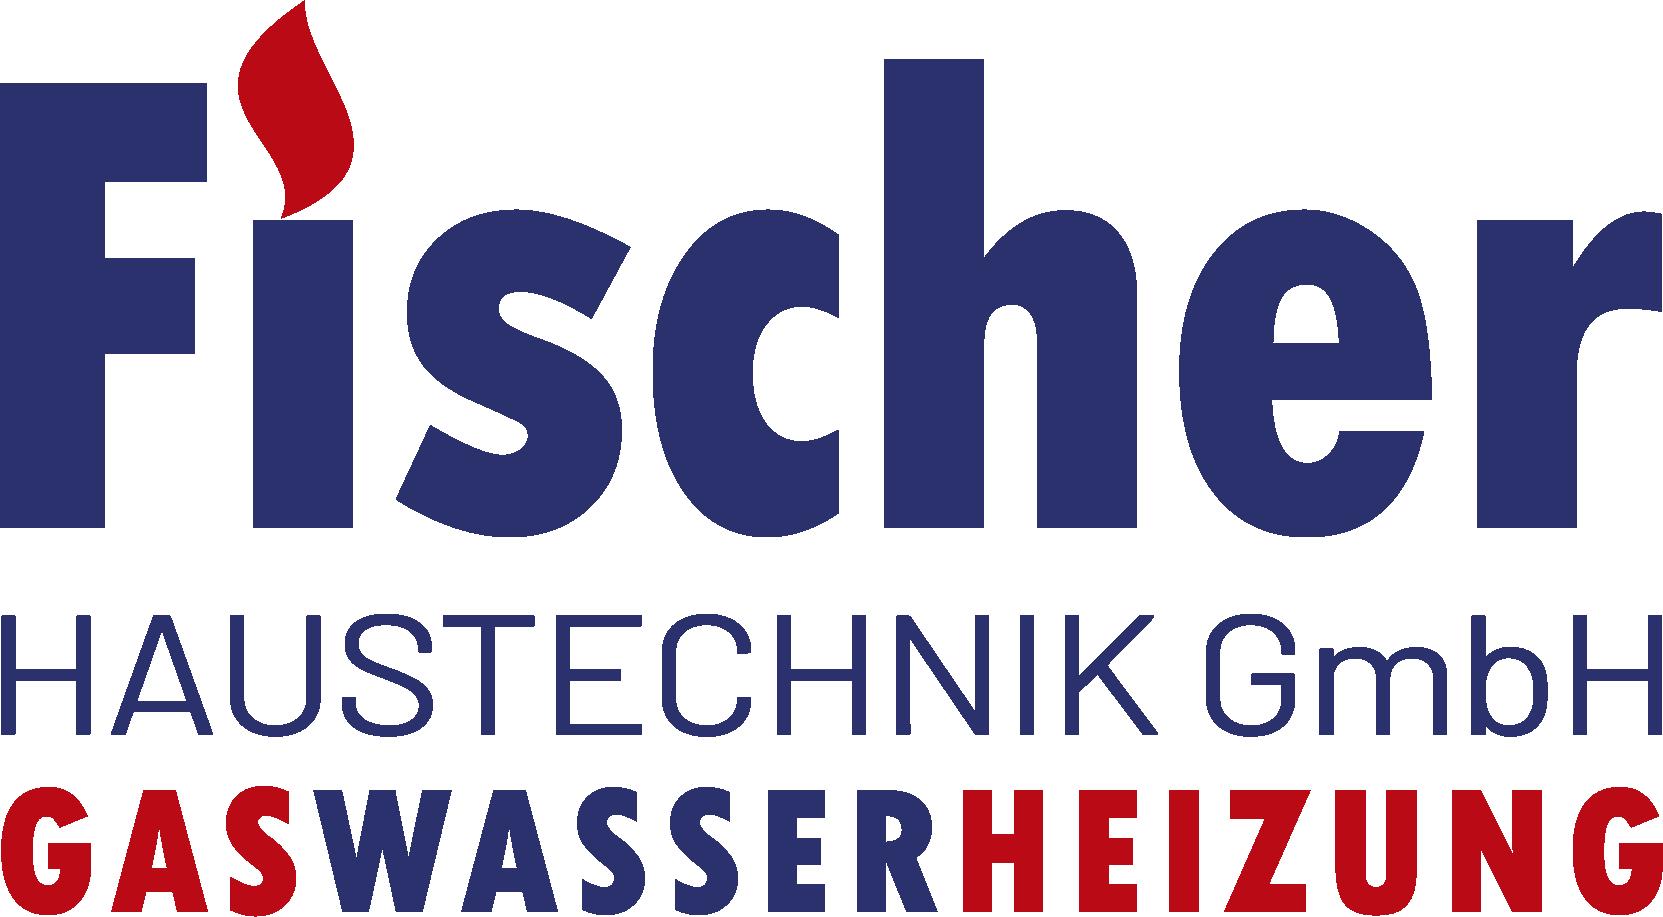 Fischer Haustechnik GmbH - Ihr Installateur in Salzburg   Fischer Haustechnik GmbH ist seit vielen Jahren Ihr kompetenter und verlässlicher Partner im Bereich Heizungsinstallationen, Bad-, Sanitär- und Solaranlagen.